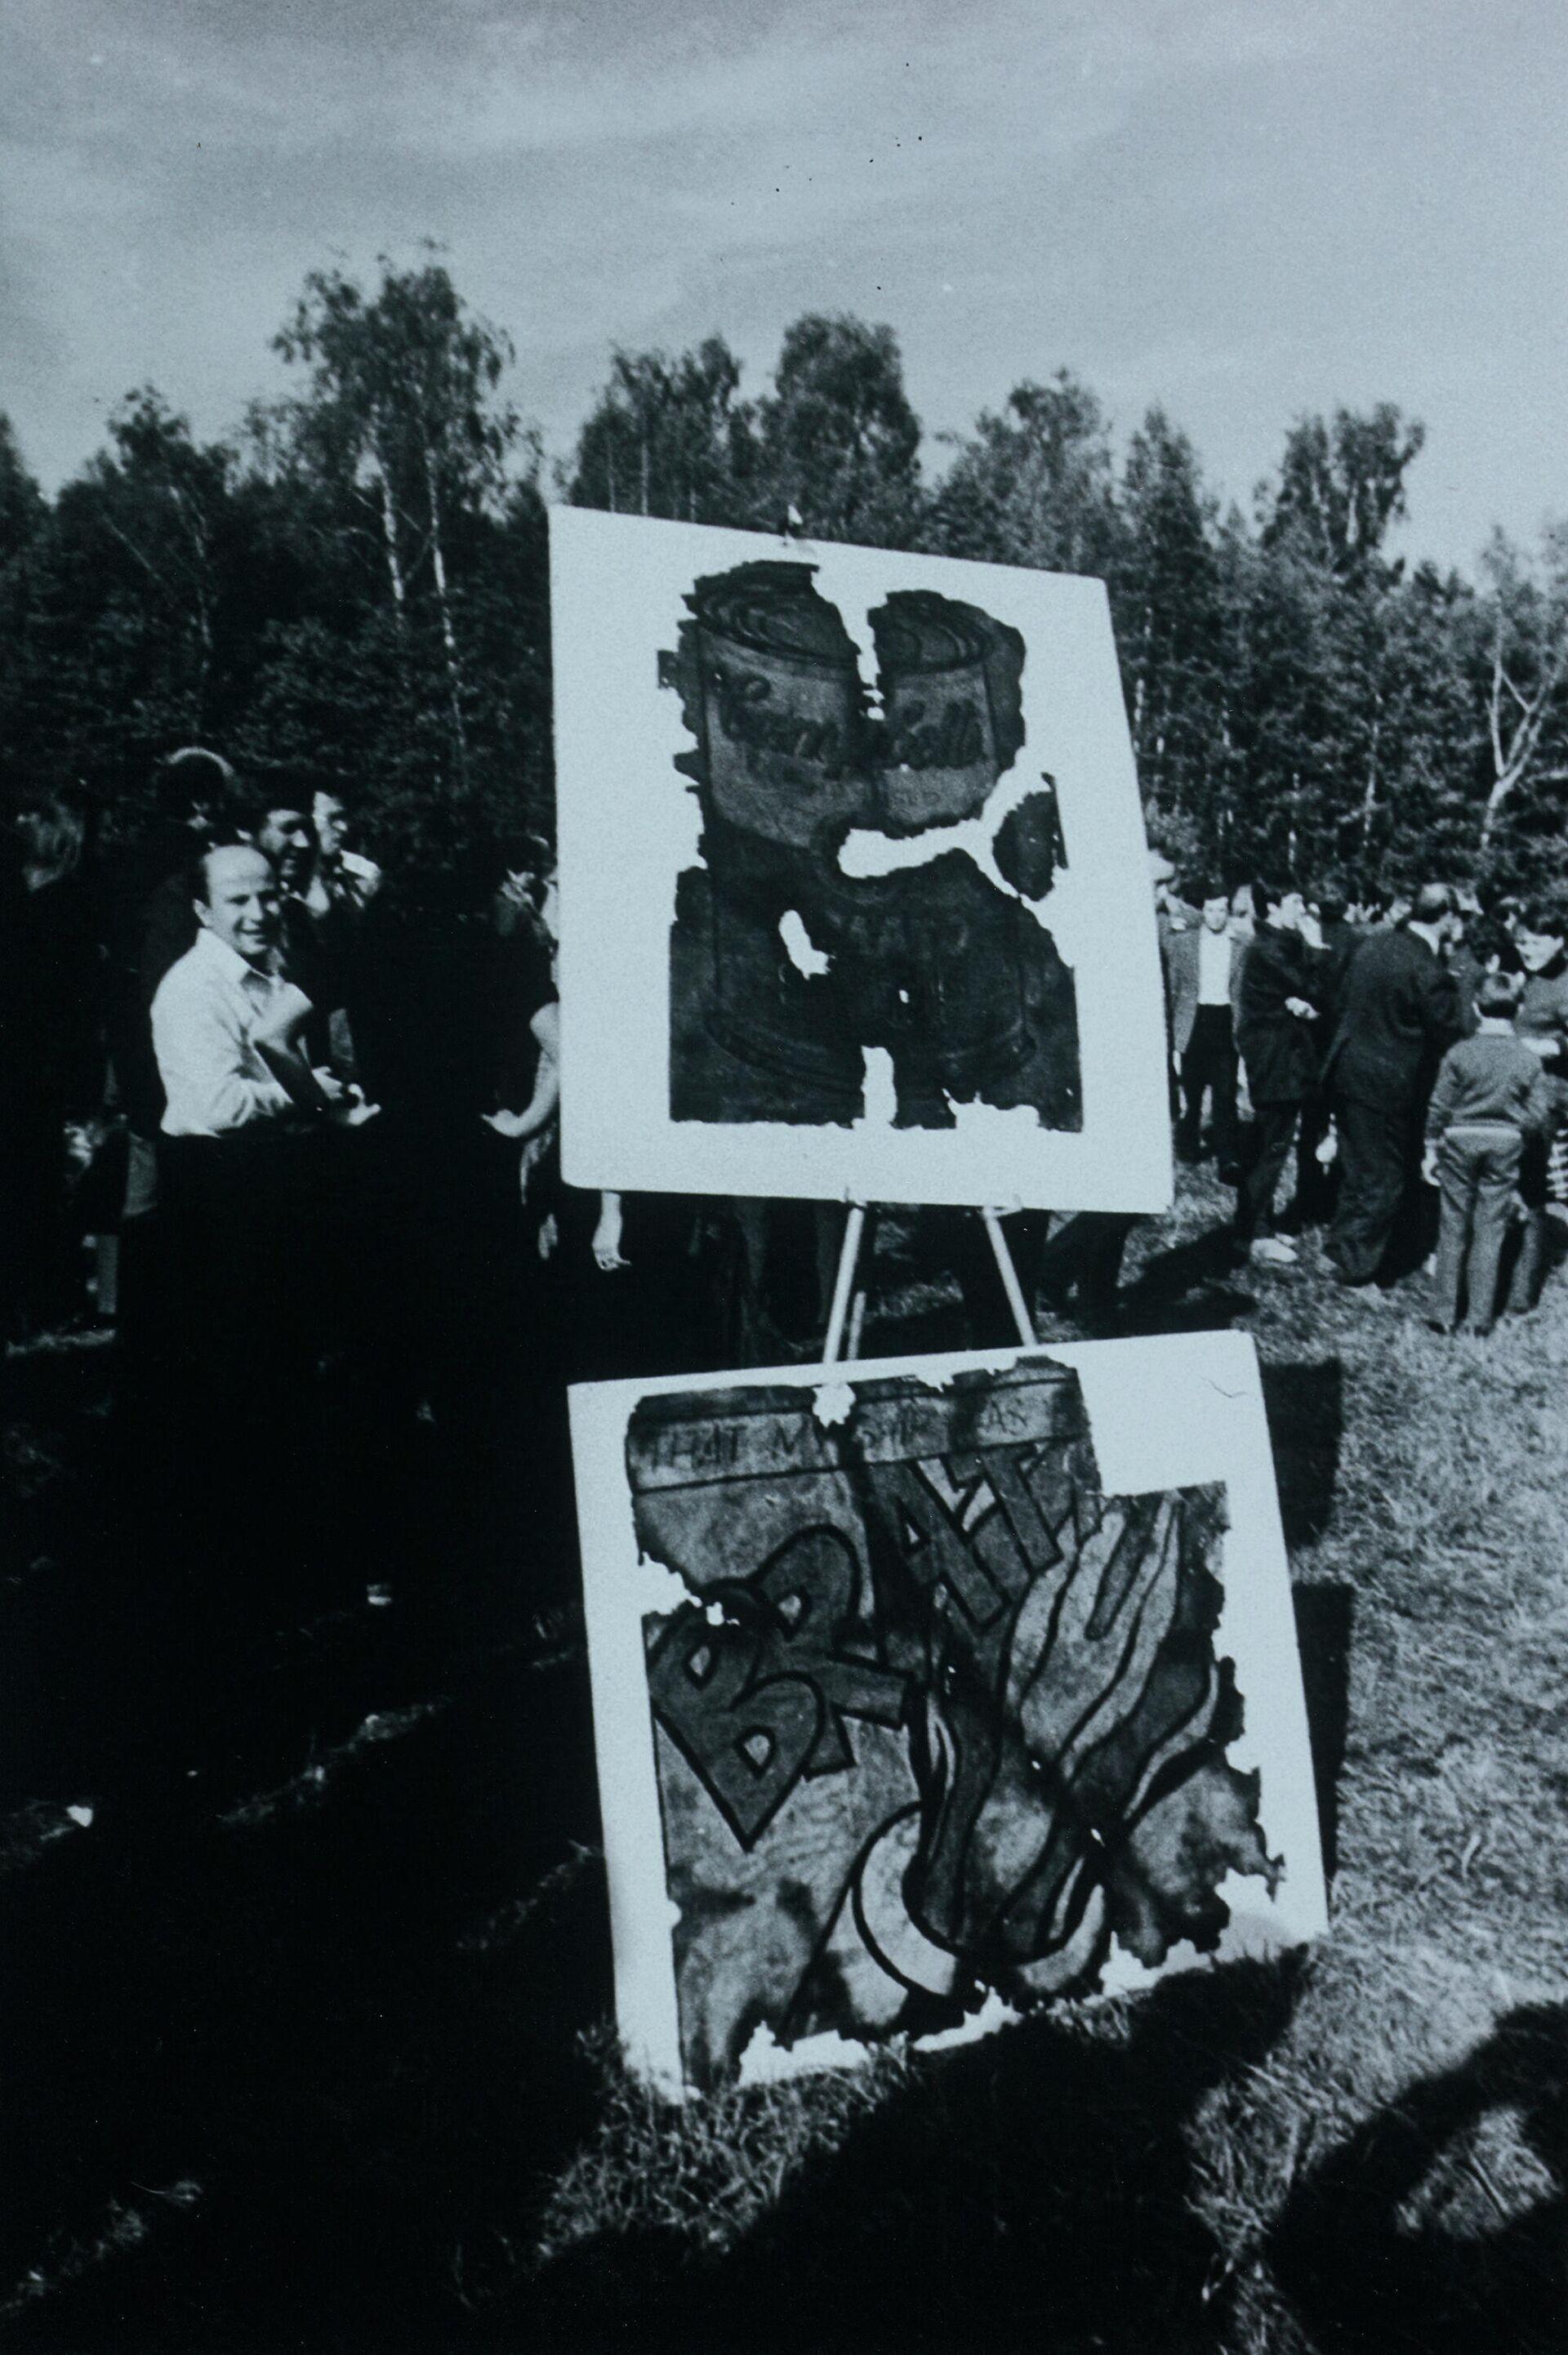 Документальные фотографии Бульдозерной выставки и выставки в Измайлово, 1974 - РИА Новости, 1920, 11.03.2021